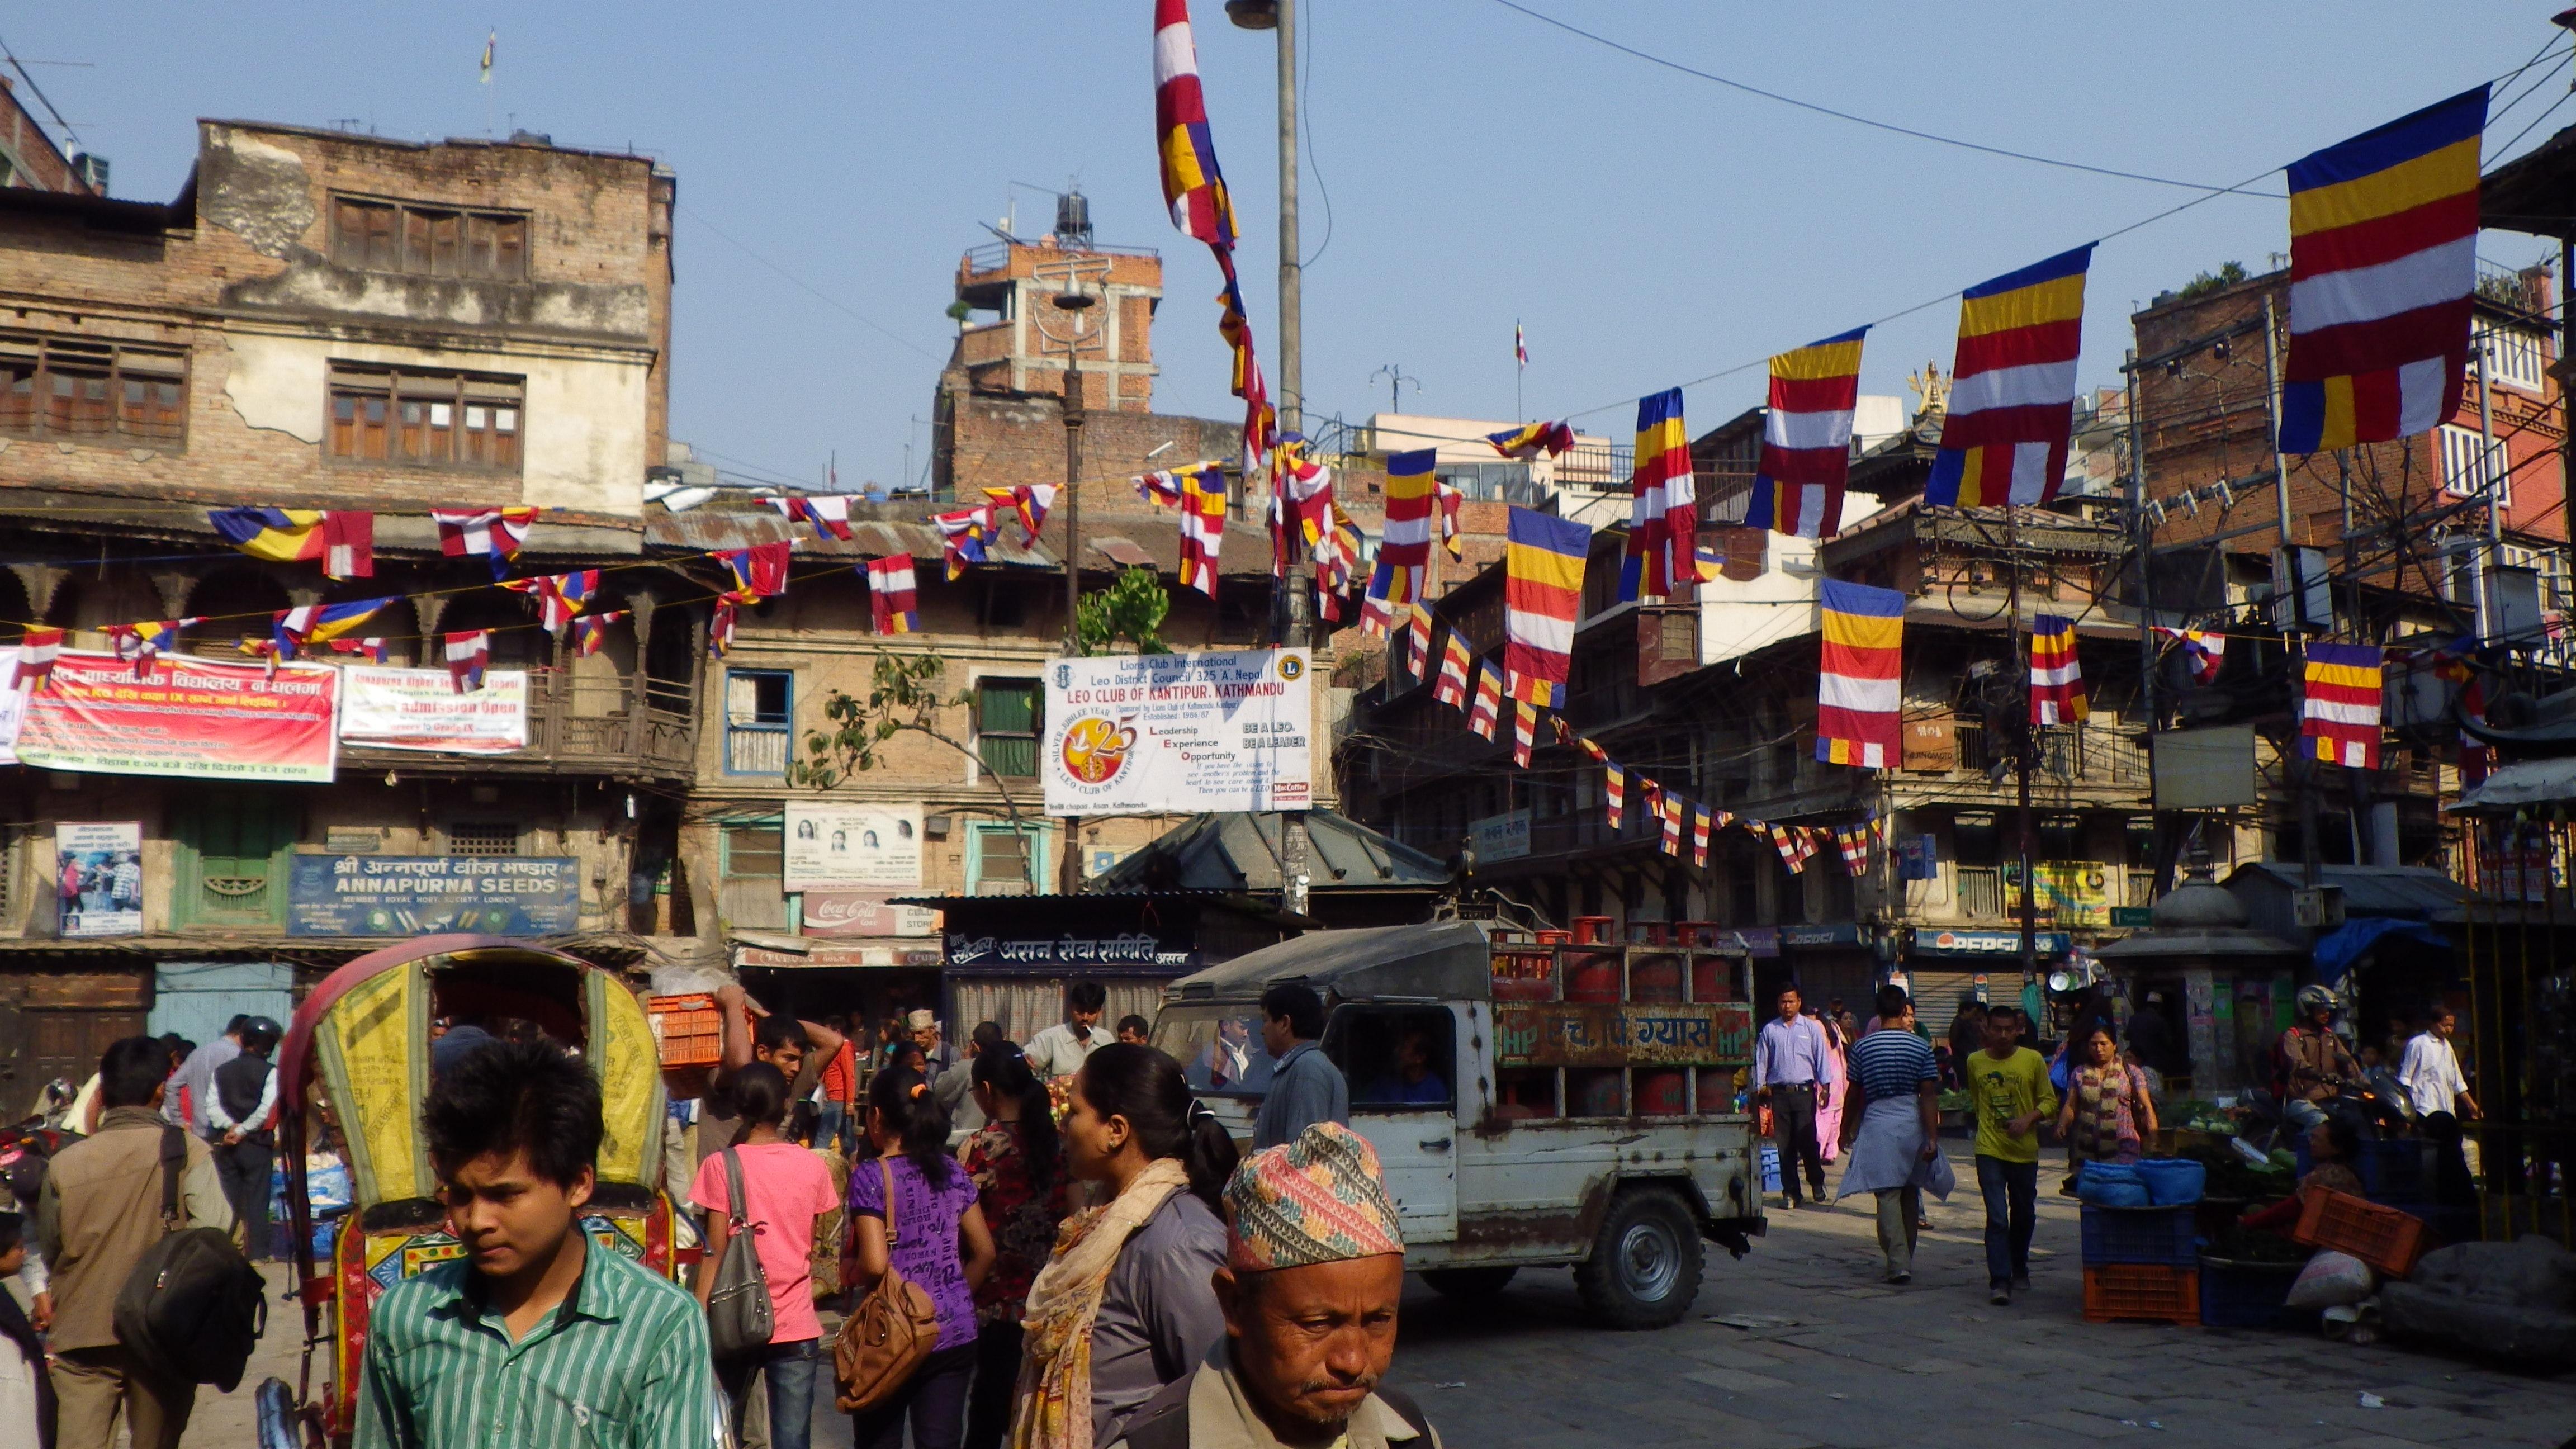 カトマンズ観光のおすすめスポット11選!ネパール随一の街で寺院や広場を堪能